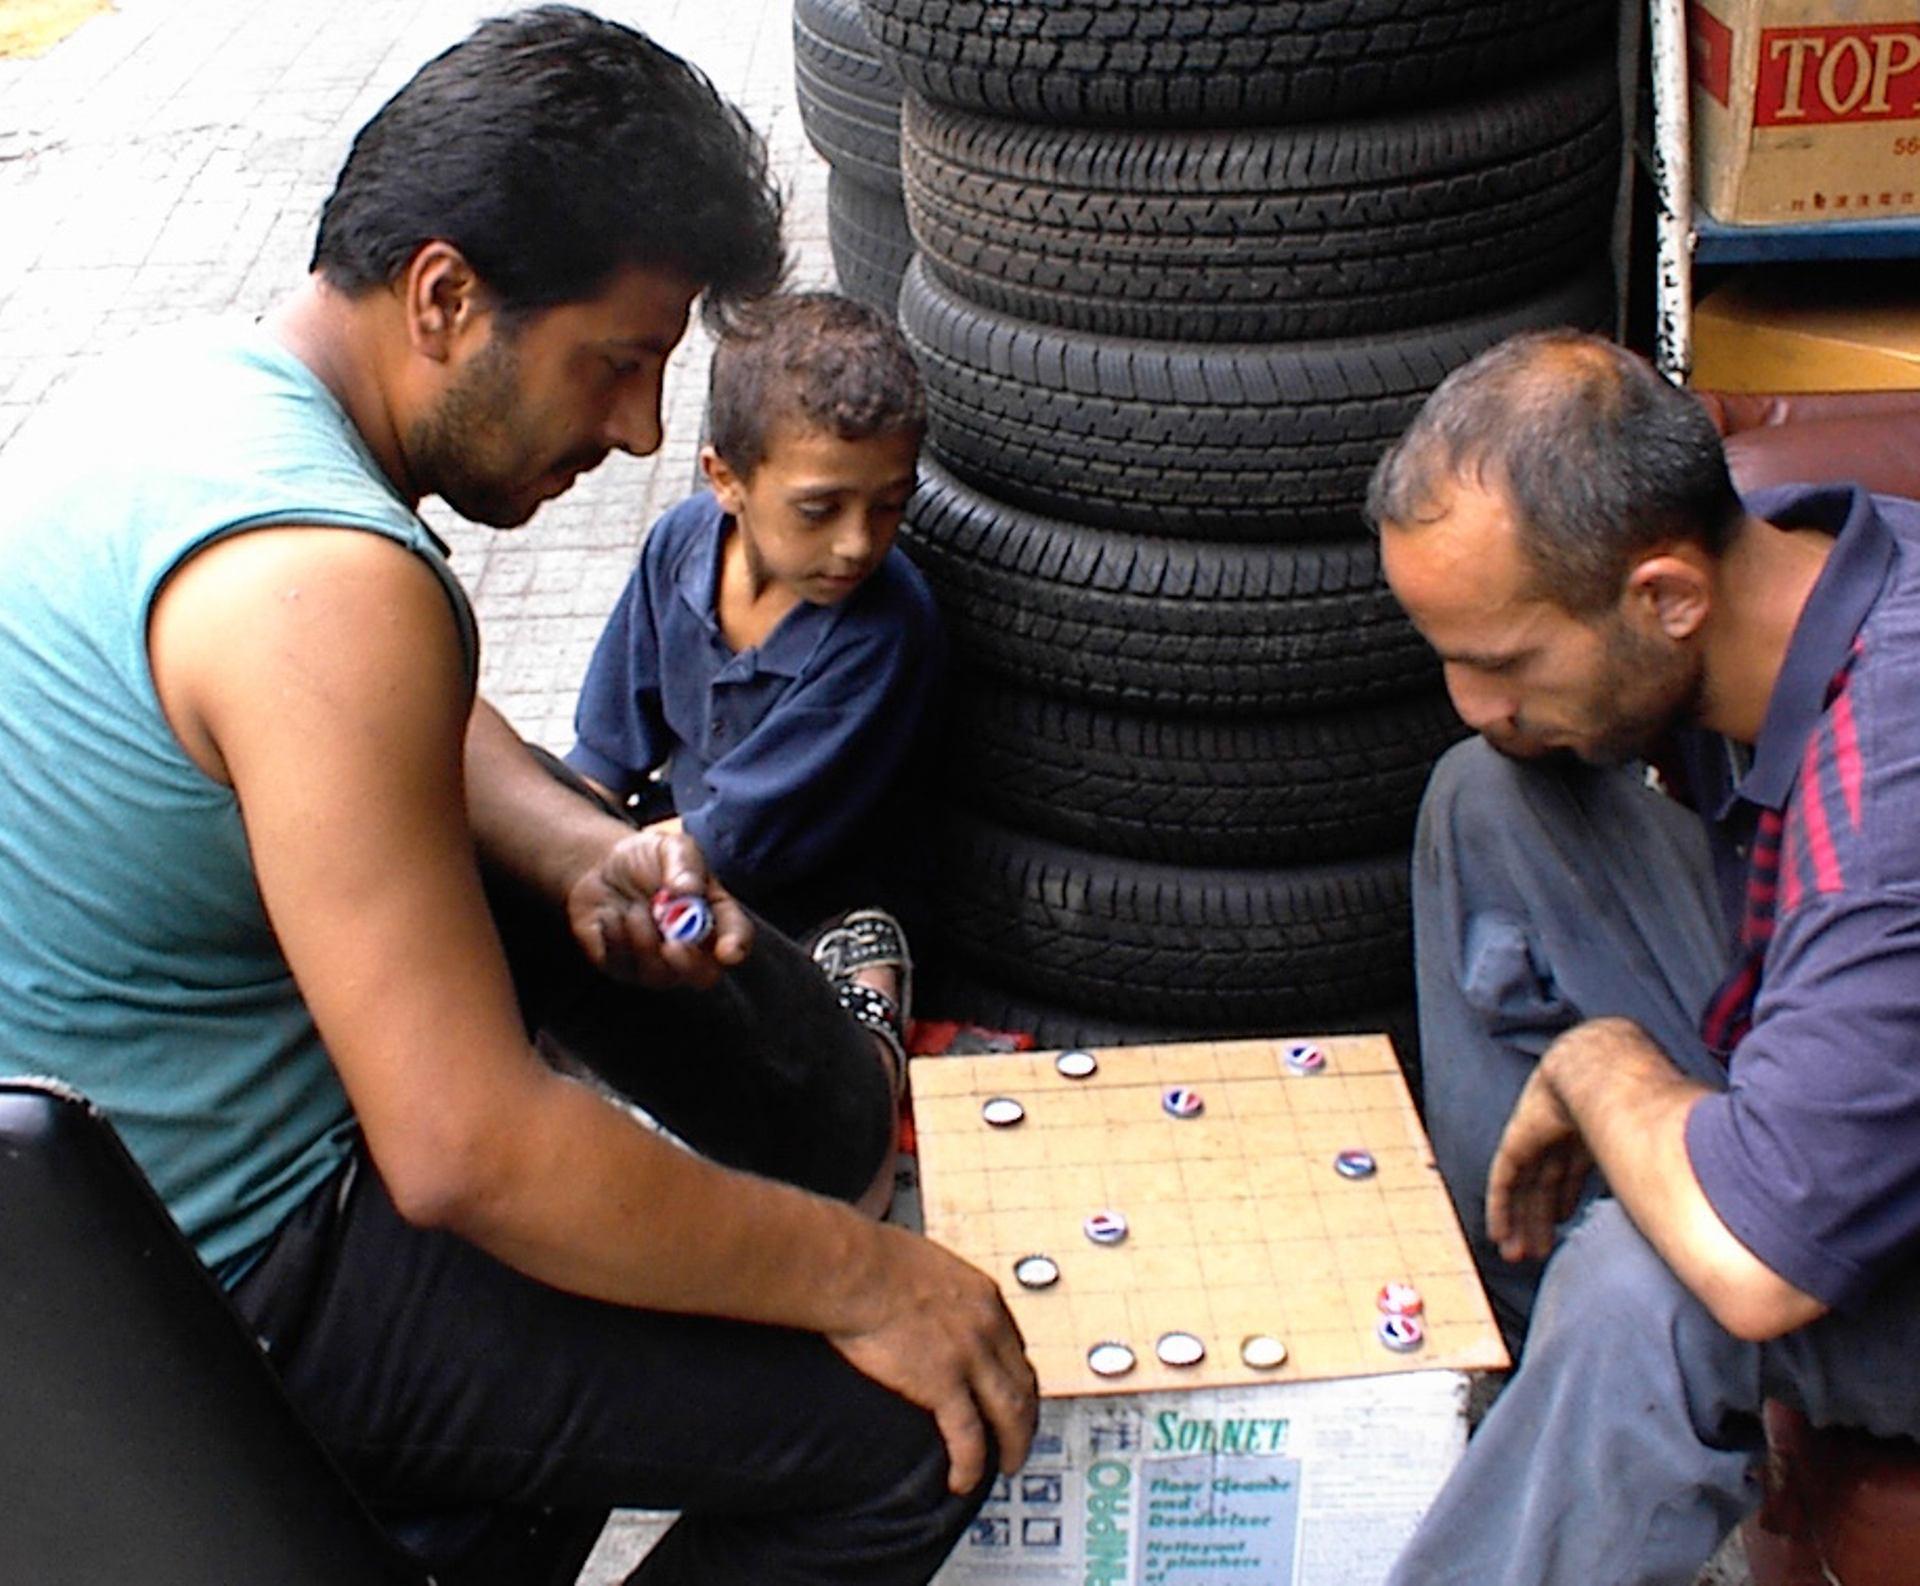 Joueurs de dames avec des capsules de Pepsi, à Beyrouth.